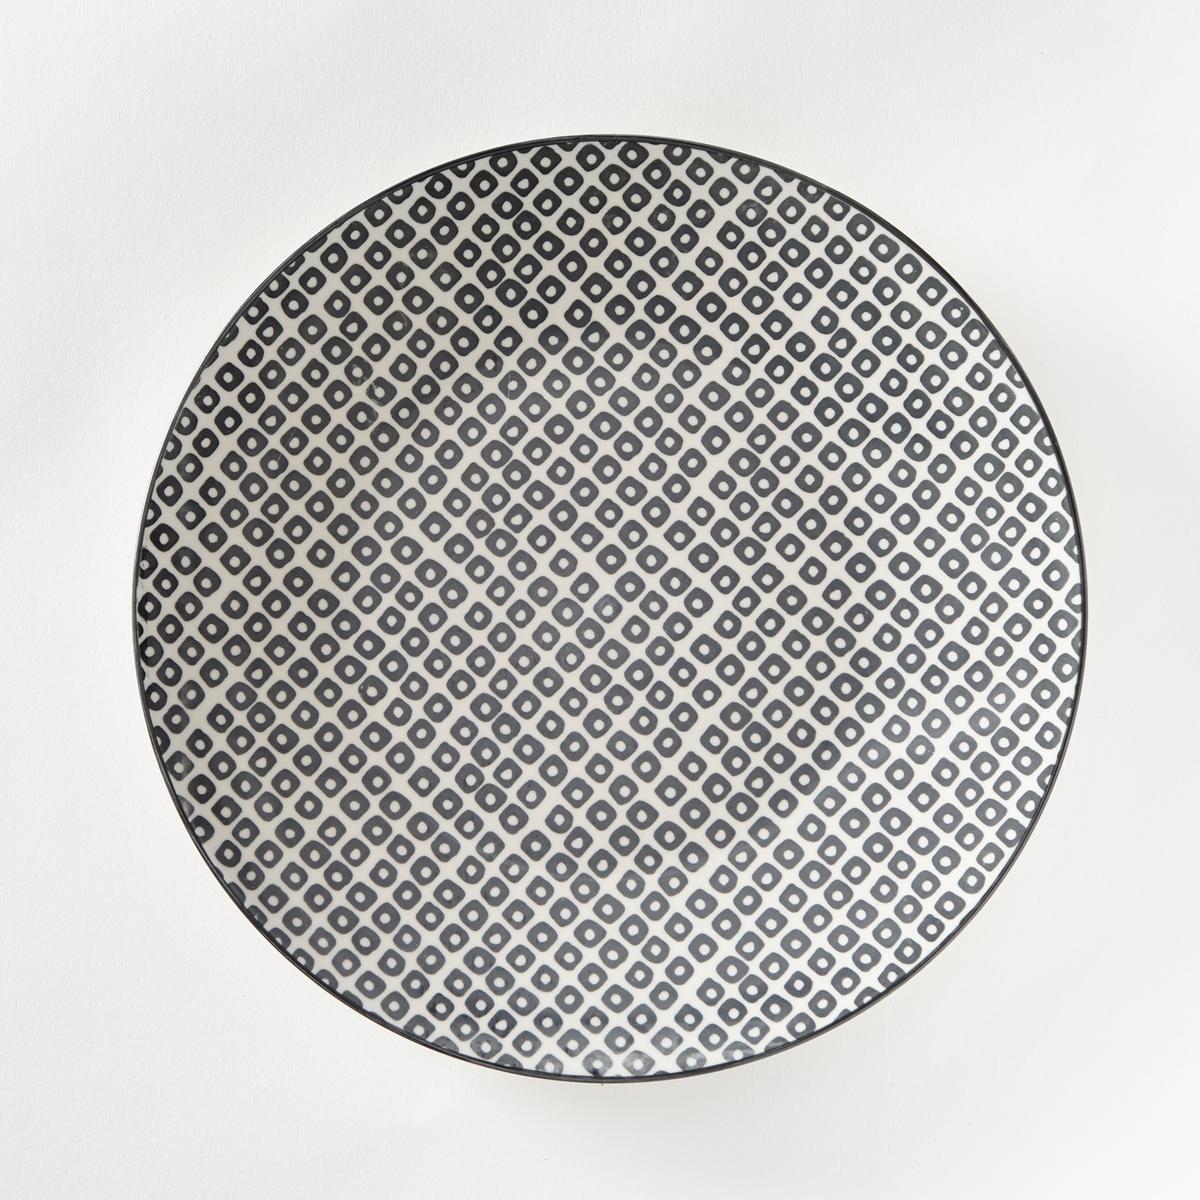 Комплект из 4 мелких тарелок из фарфора AkivaХарактеристики 4 мелких тарелок с геометрическим микрорисунком в скандинавском стиле Akiva   :- Геометрический микрорисунок в скандинавском стиле, в стиле ретро.- Контрастная окантовка по контуру .- Из фарфора, окрашенного вручную  .- Диаметр 26,6 см  .- Можно использовать в посудомоечных машинах и микроволновых печах.Десертные тарелки, миски и кружки Akiva продаются на сайте laredoute.ru<br><br>Цвет: кремовый/черный,экрю/розовый